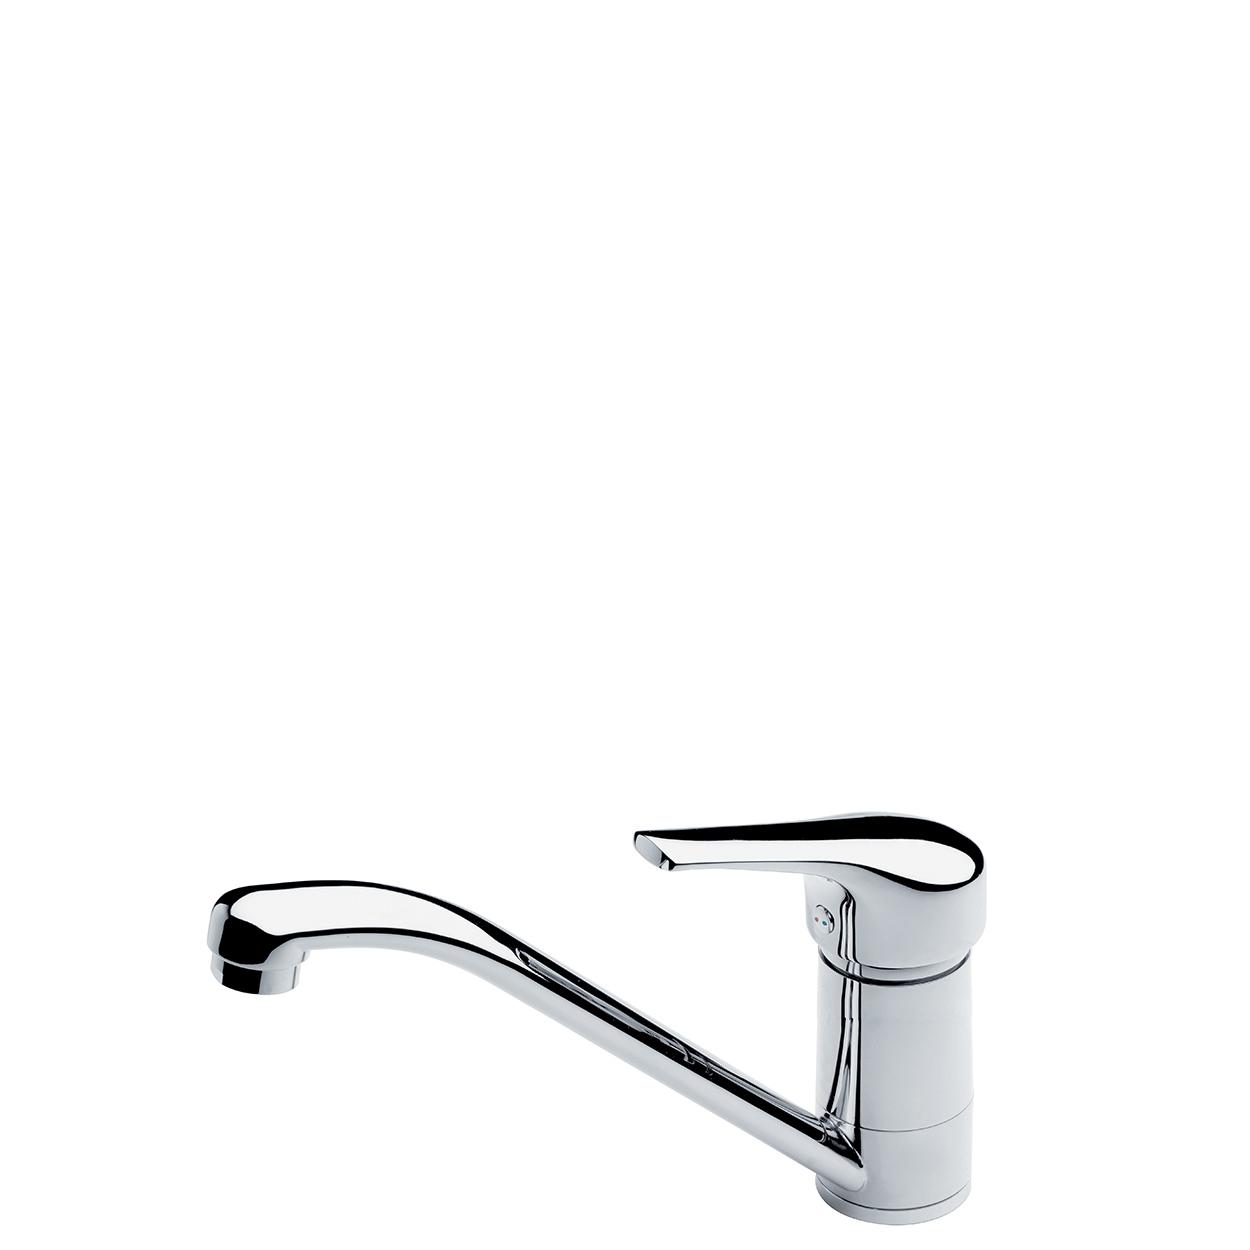 FORENO EQUALISER Sink Mixer (EQMX1.1)